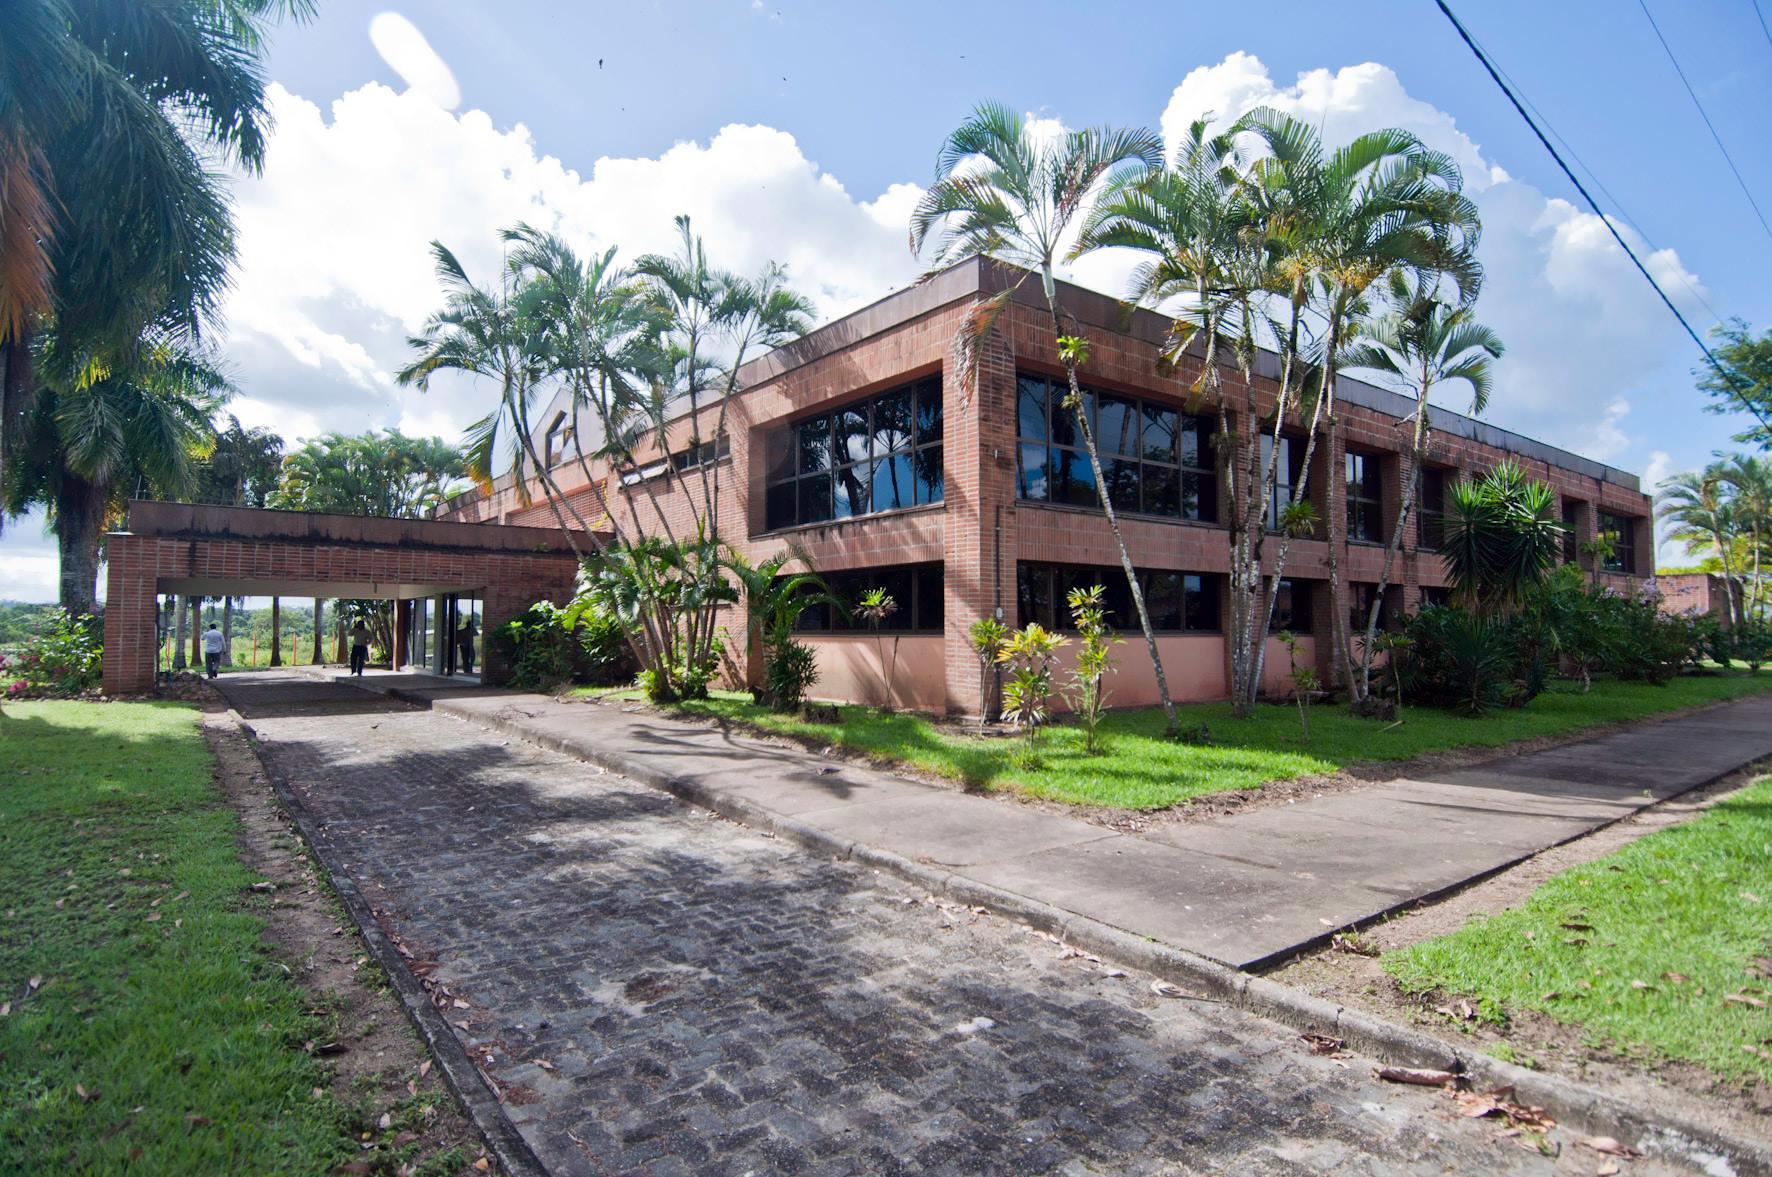 Campus Jorge Amado, sede da Universidade Federal do Sul da Bahia (UFSB), em Itabuna-BA.